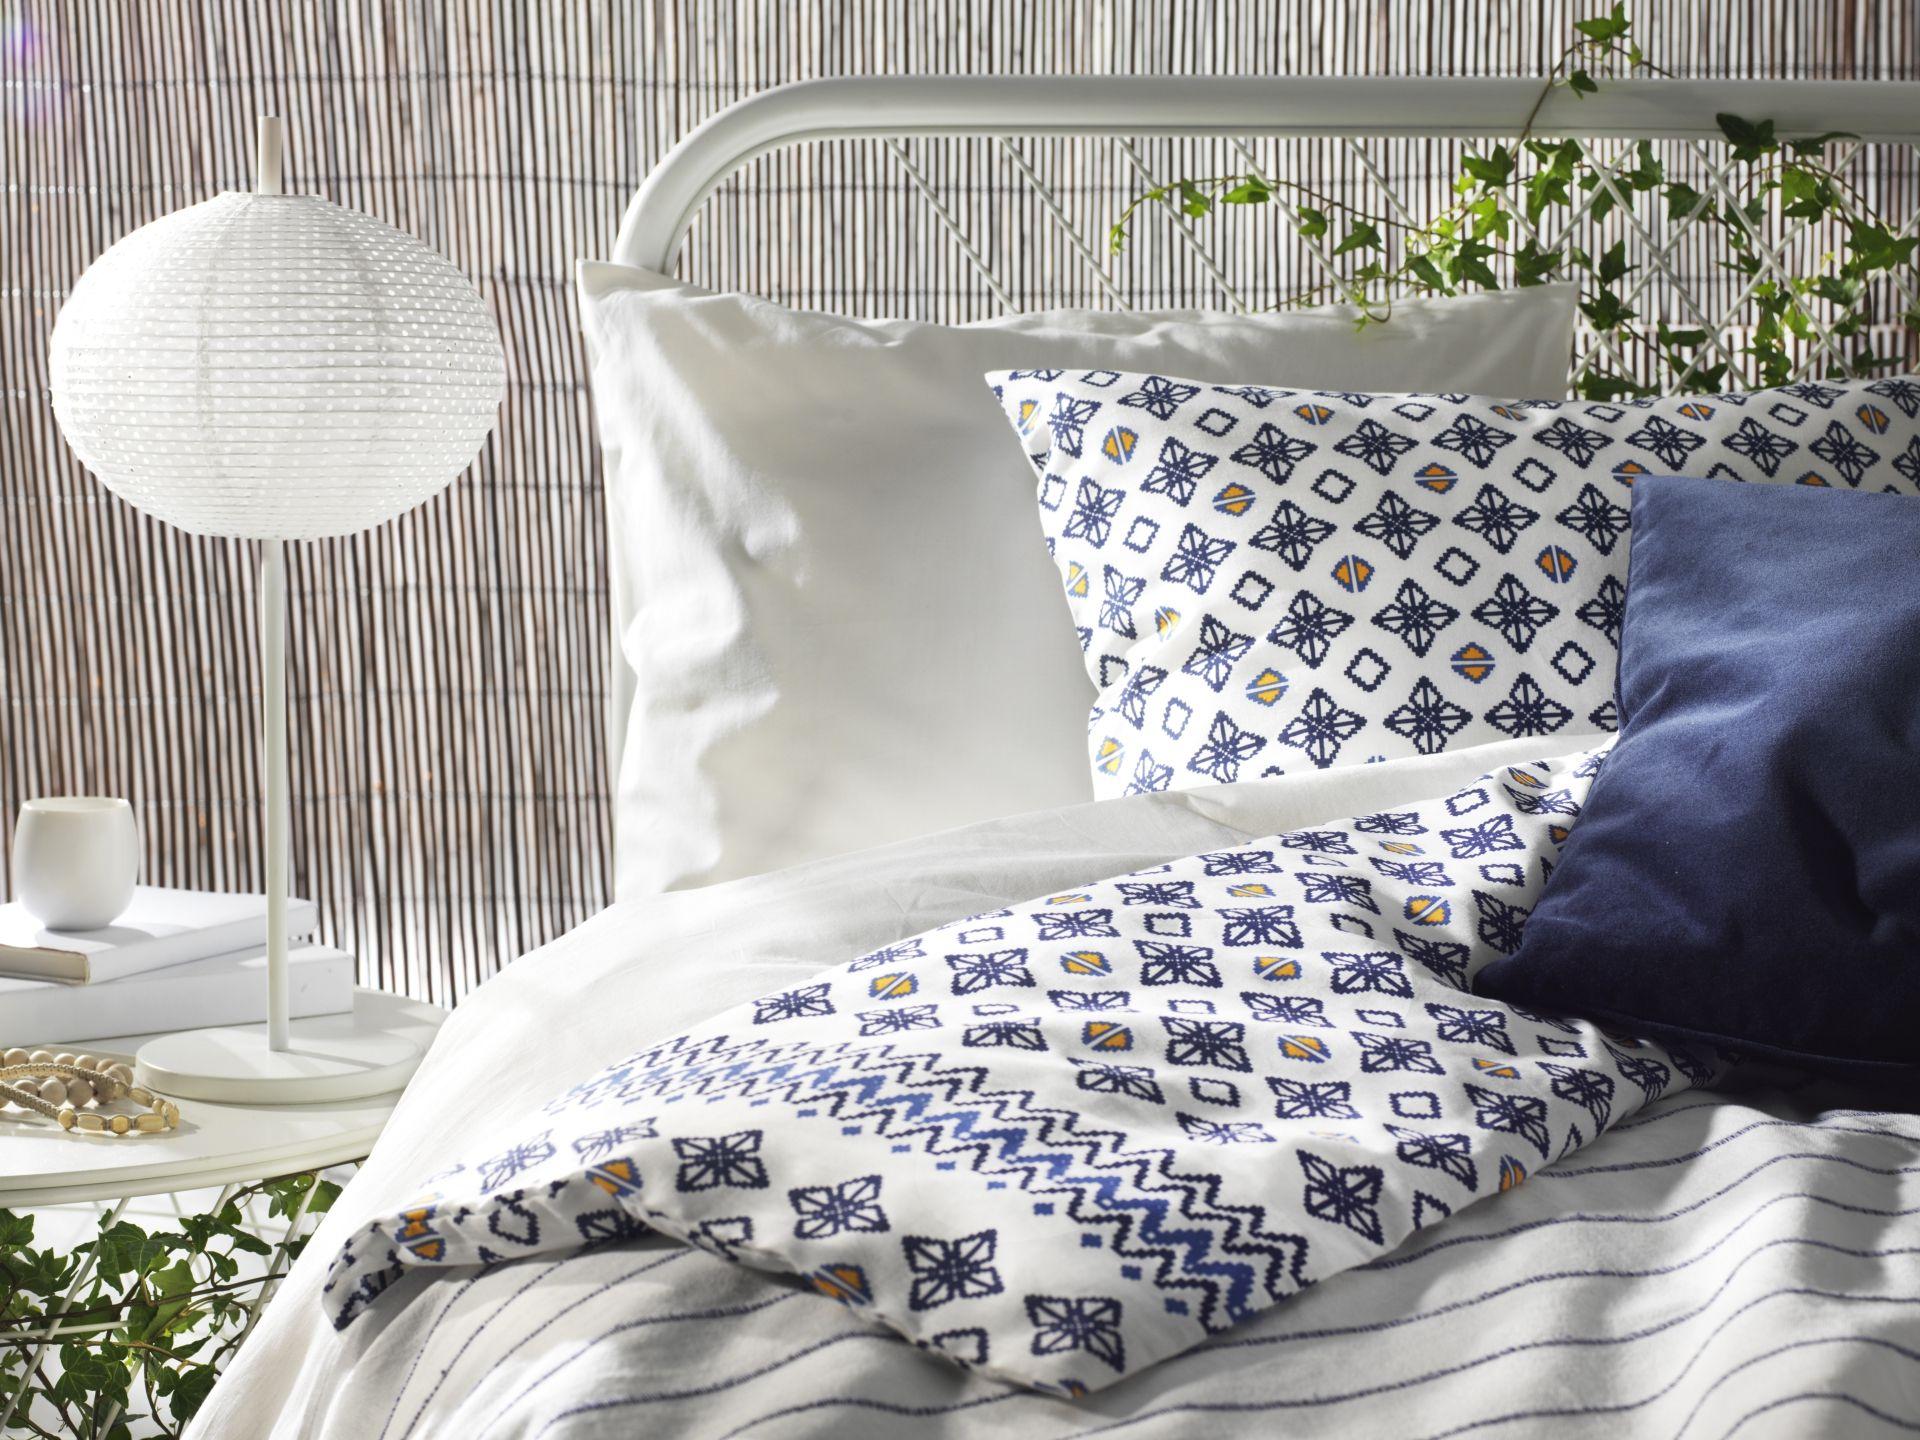 Decoratie Slaapkamer Ikea : Sommar dekbedovertrek ikea ikeanederland ikeanl nieuw